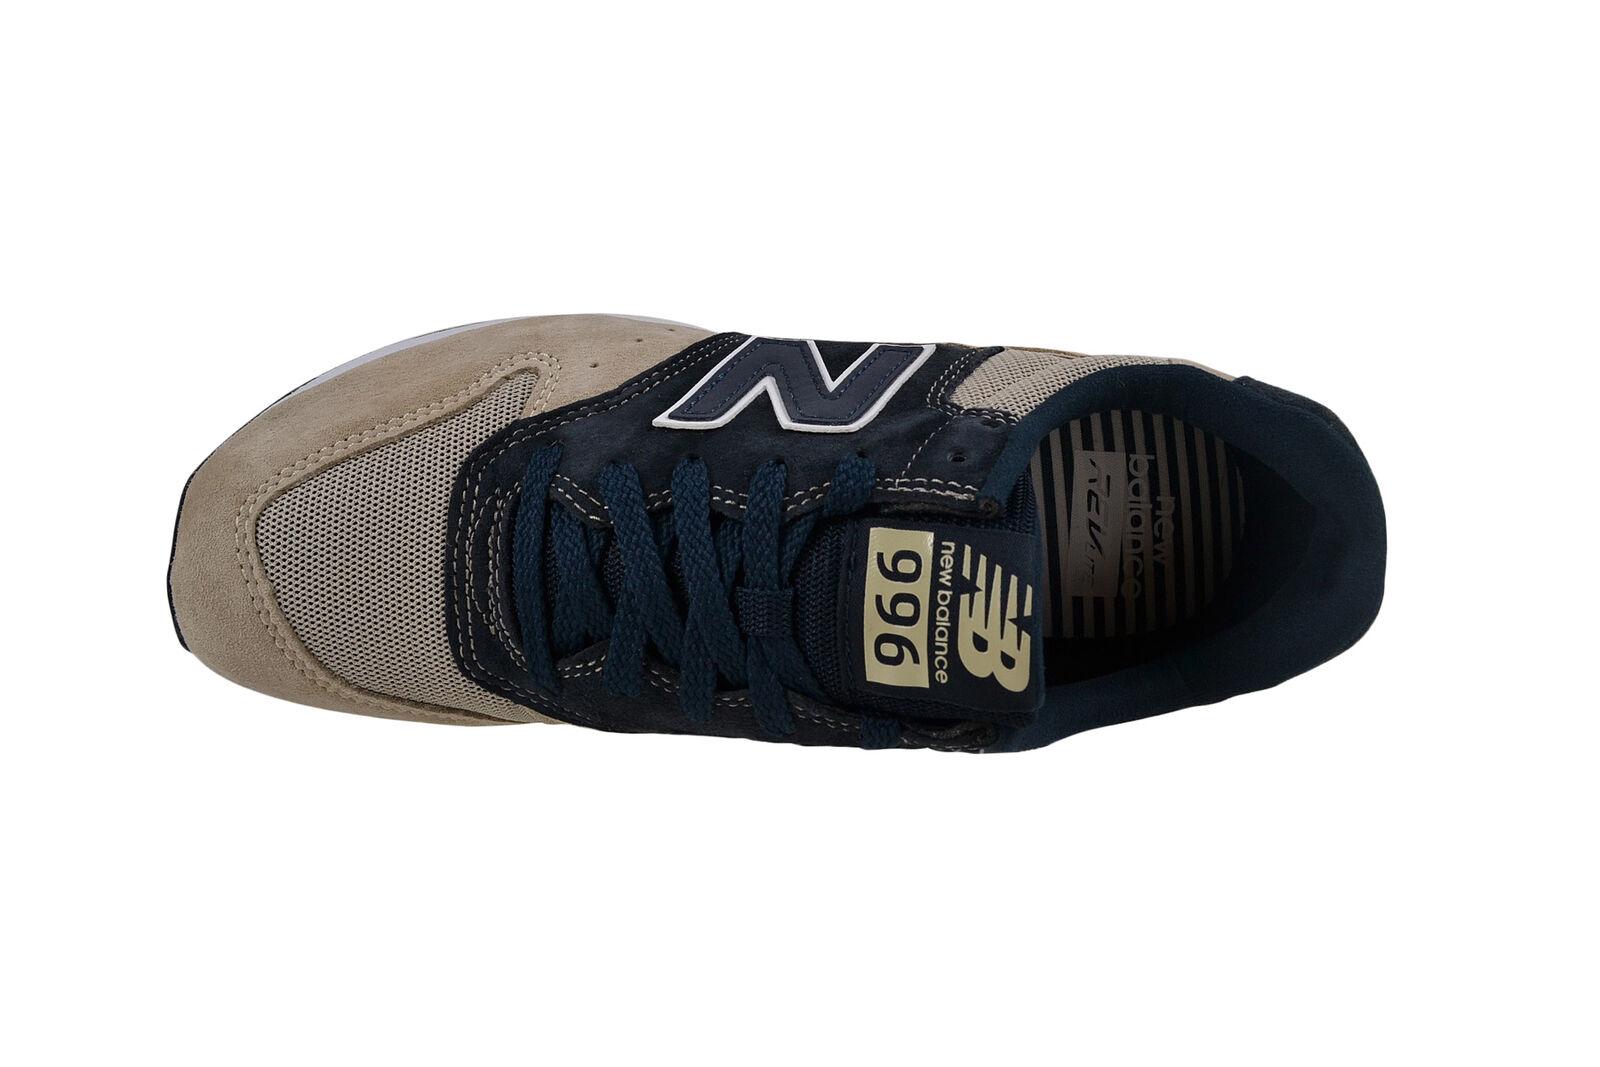 New Balance MRL996 KA beige beige beige blau Turnschuhe Schuhe 6cf053